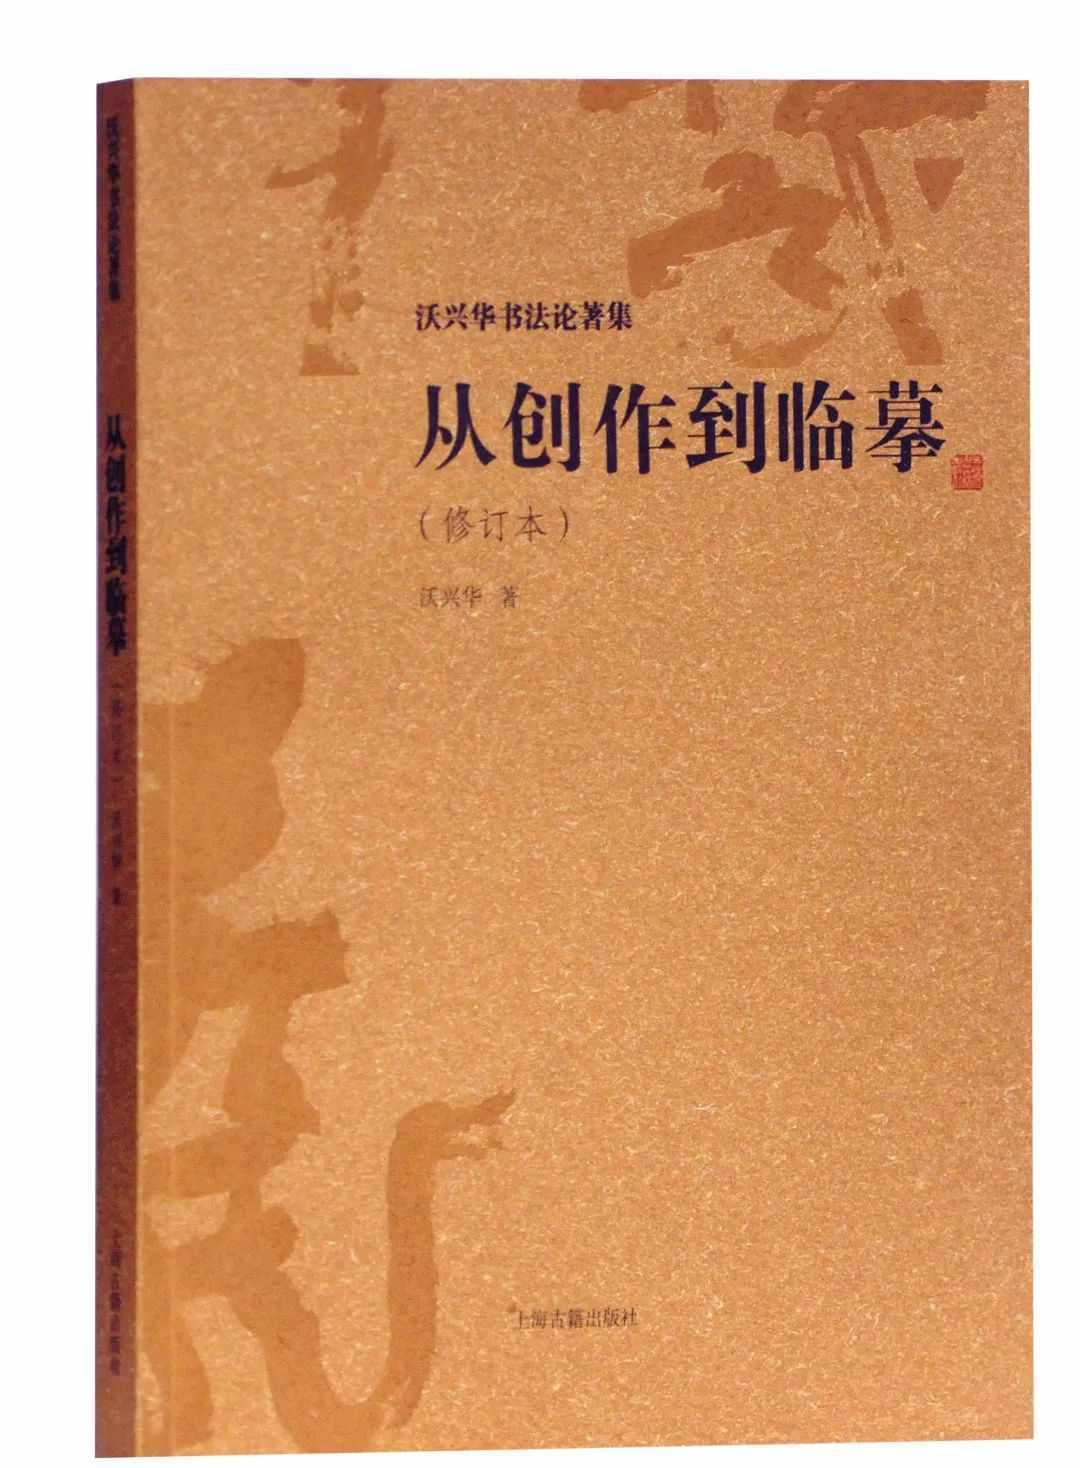 上古荐书丨写汝离披,由我自在:沃兴华《从创作到临摹》修订本出版